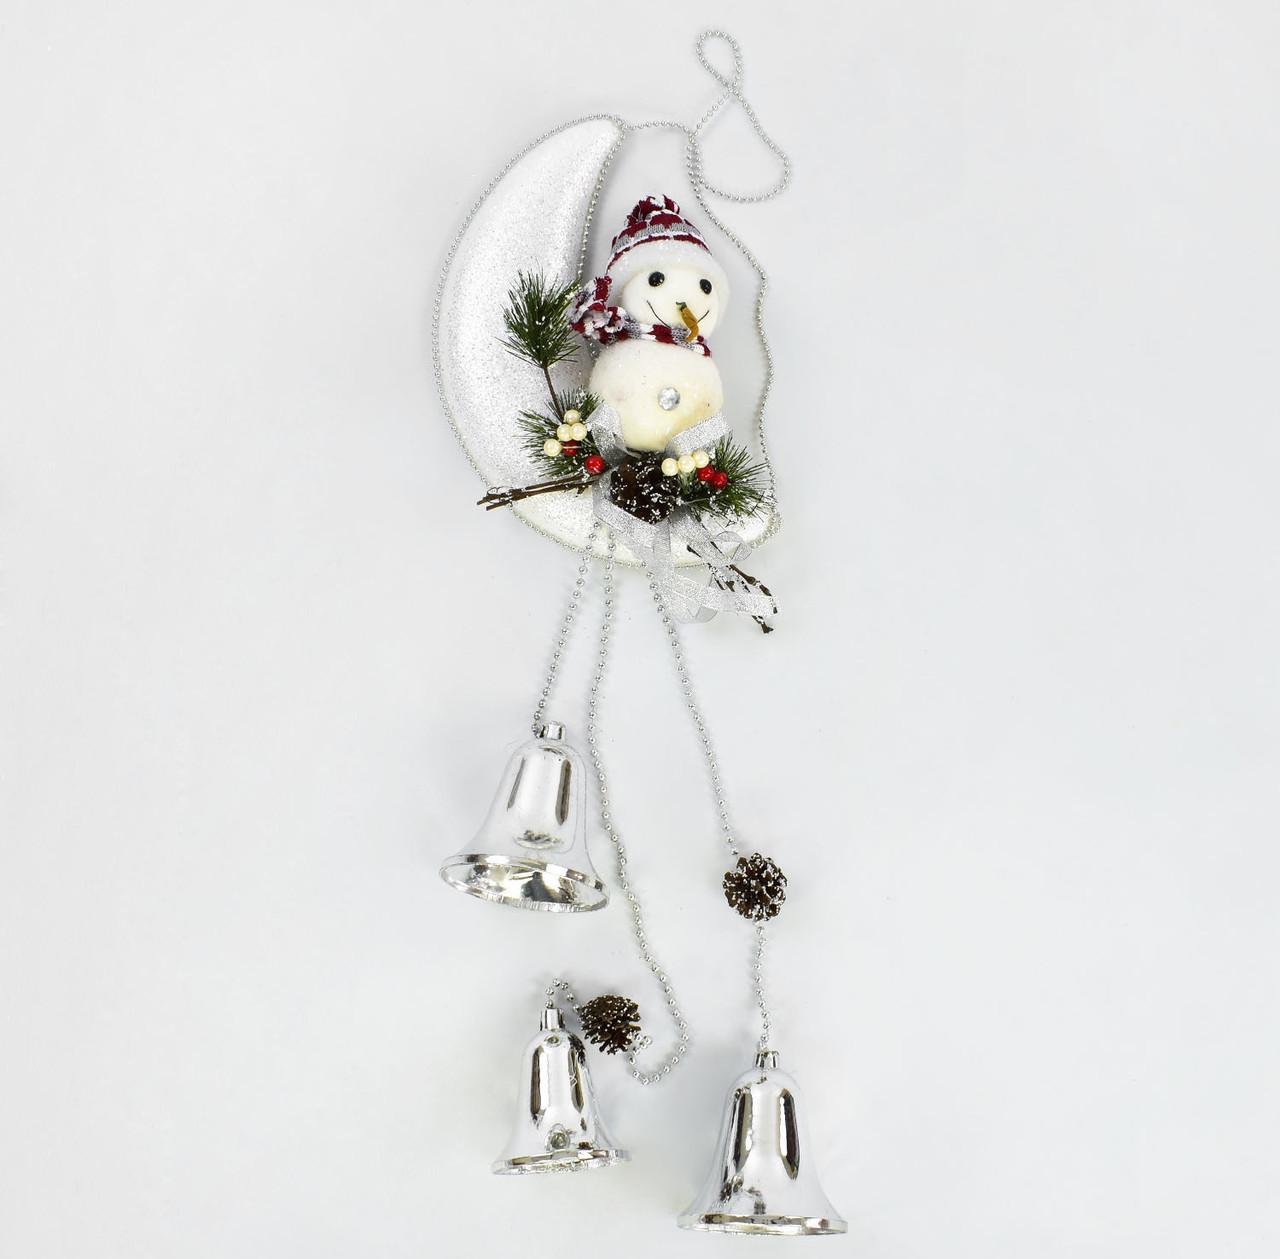 Декоративна композиція Сніговик на місяці C 30427 (60)